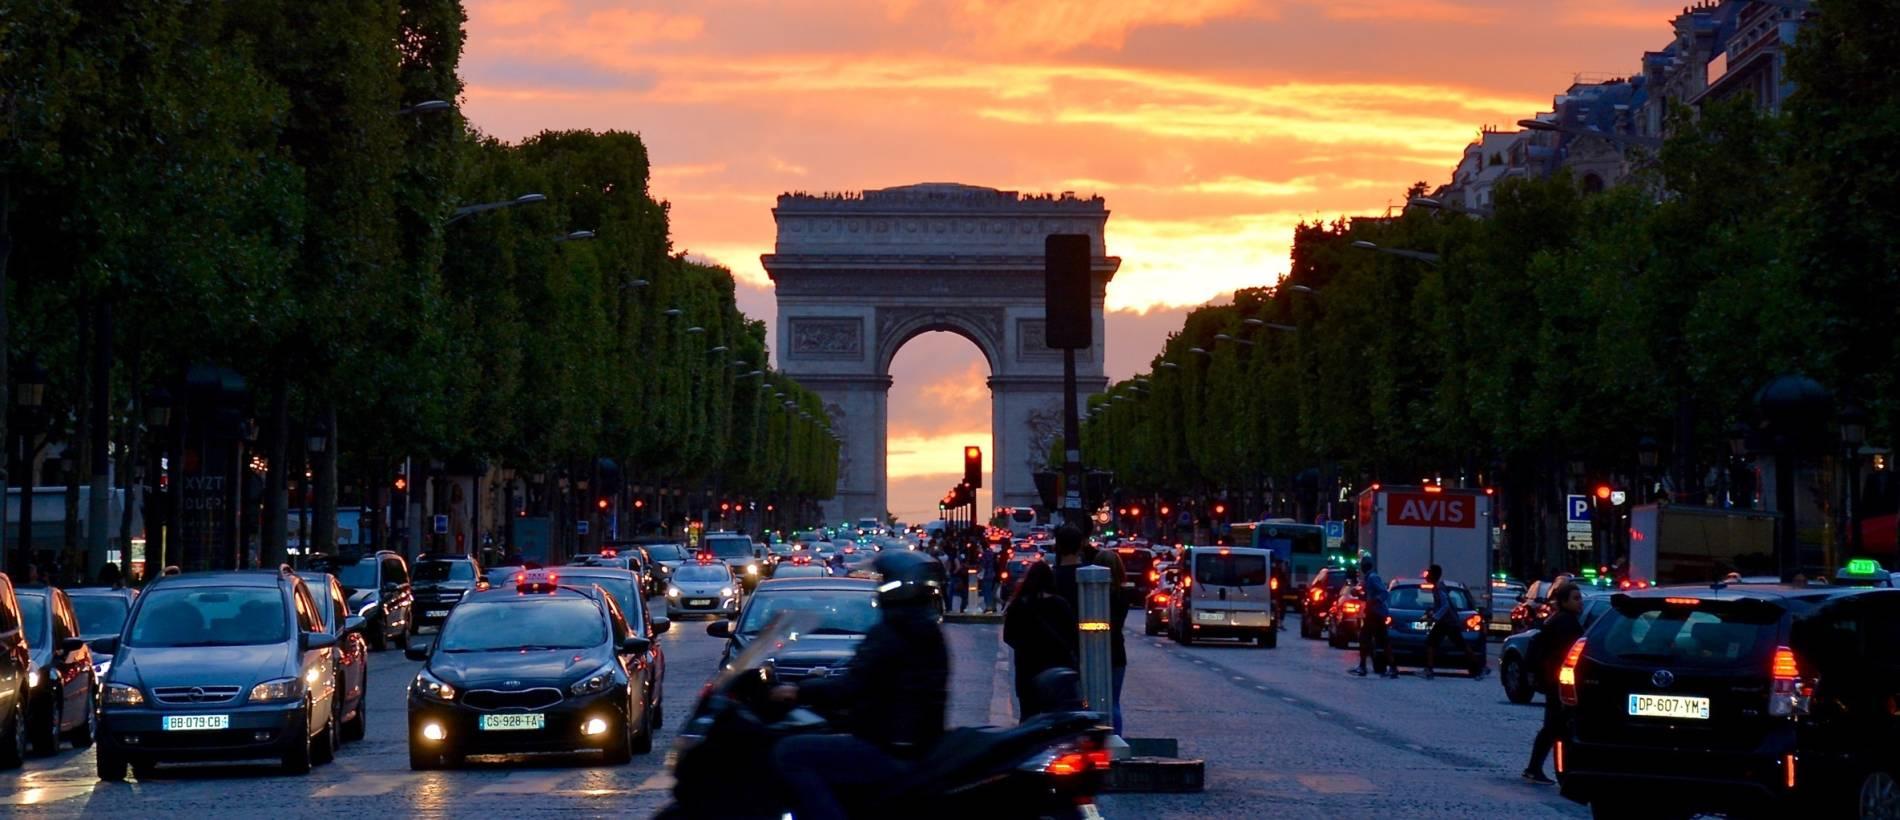 คู่มือ ท่องเที่ยว ฝรั่งเศส